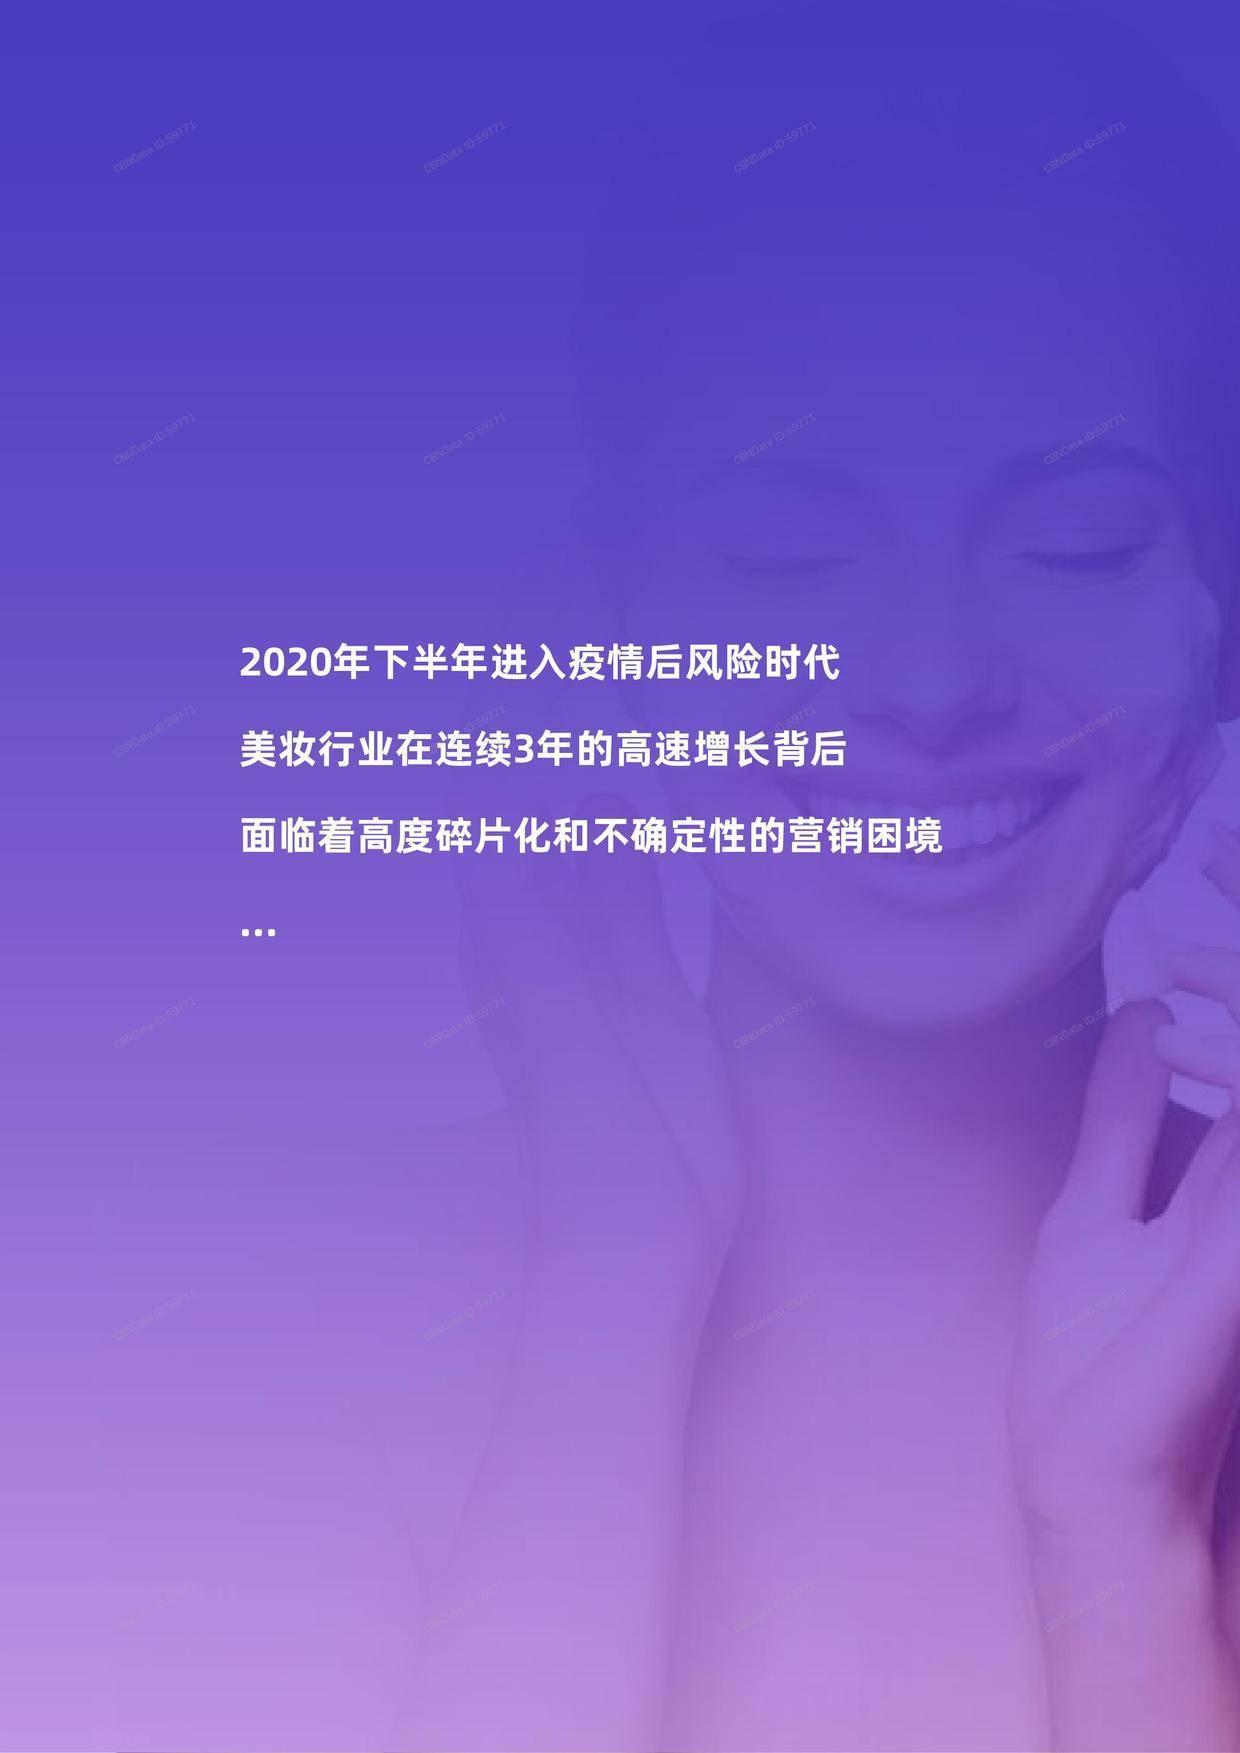 阿里妈妈:2020美妆消费者洞察白皮书